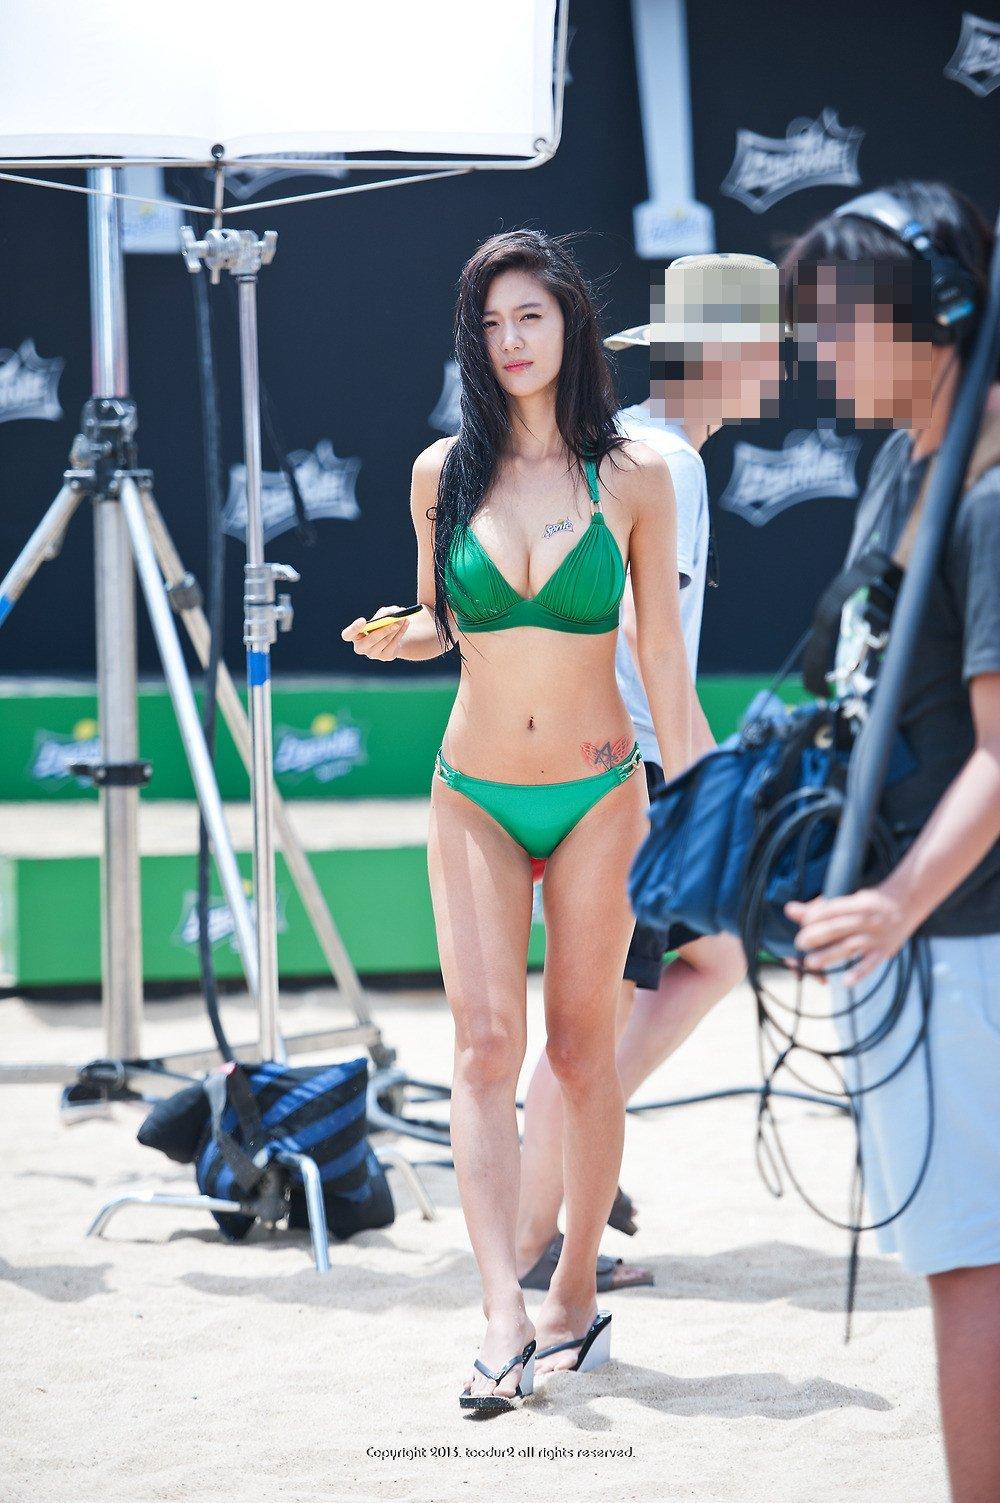 actors bikini A tiny